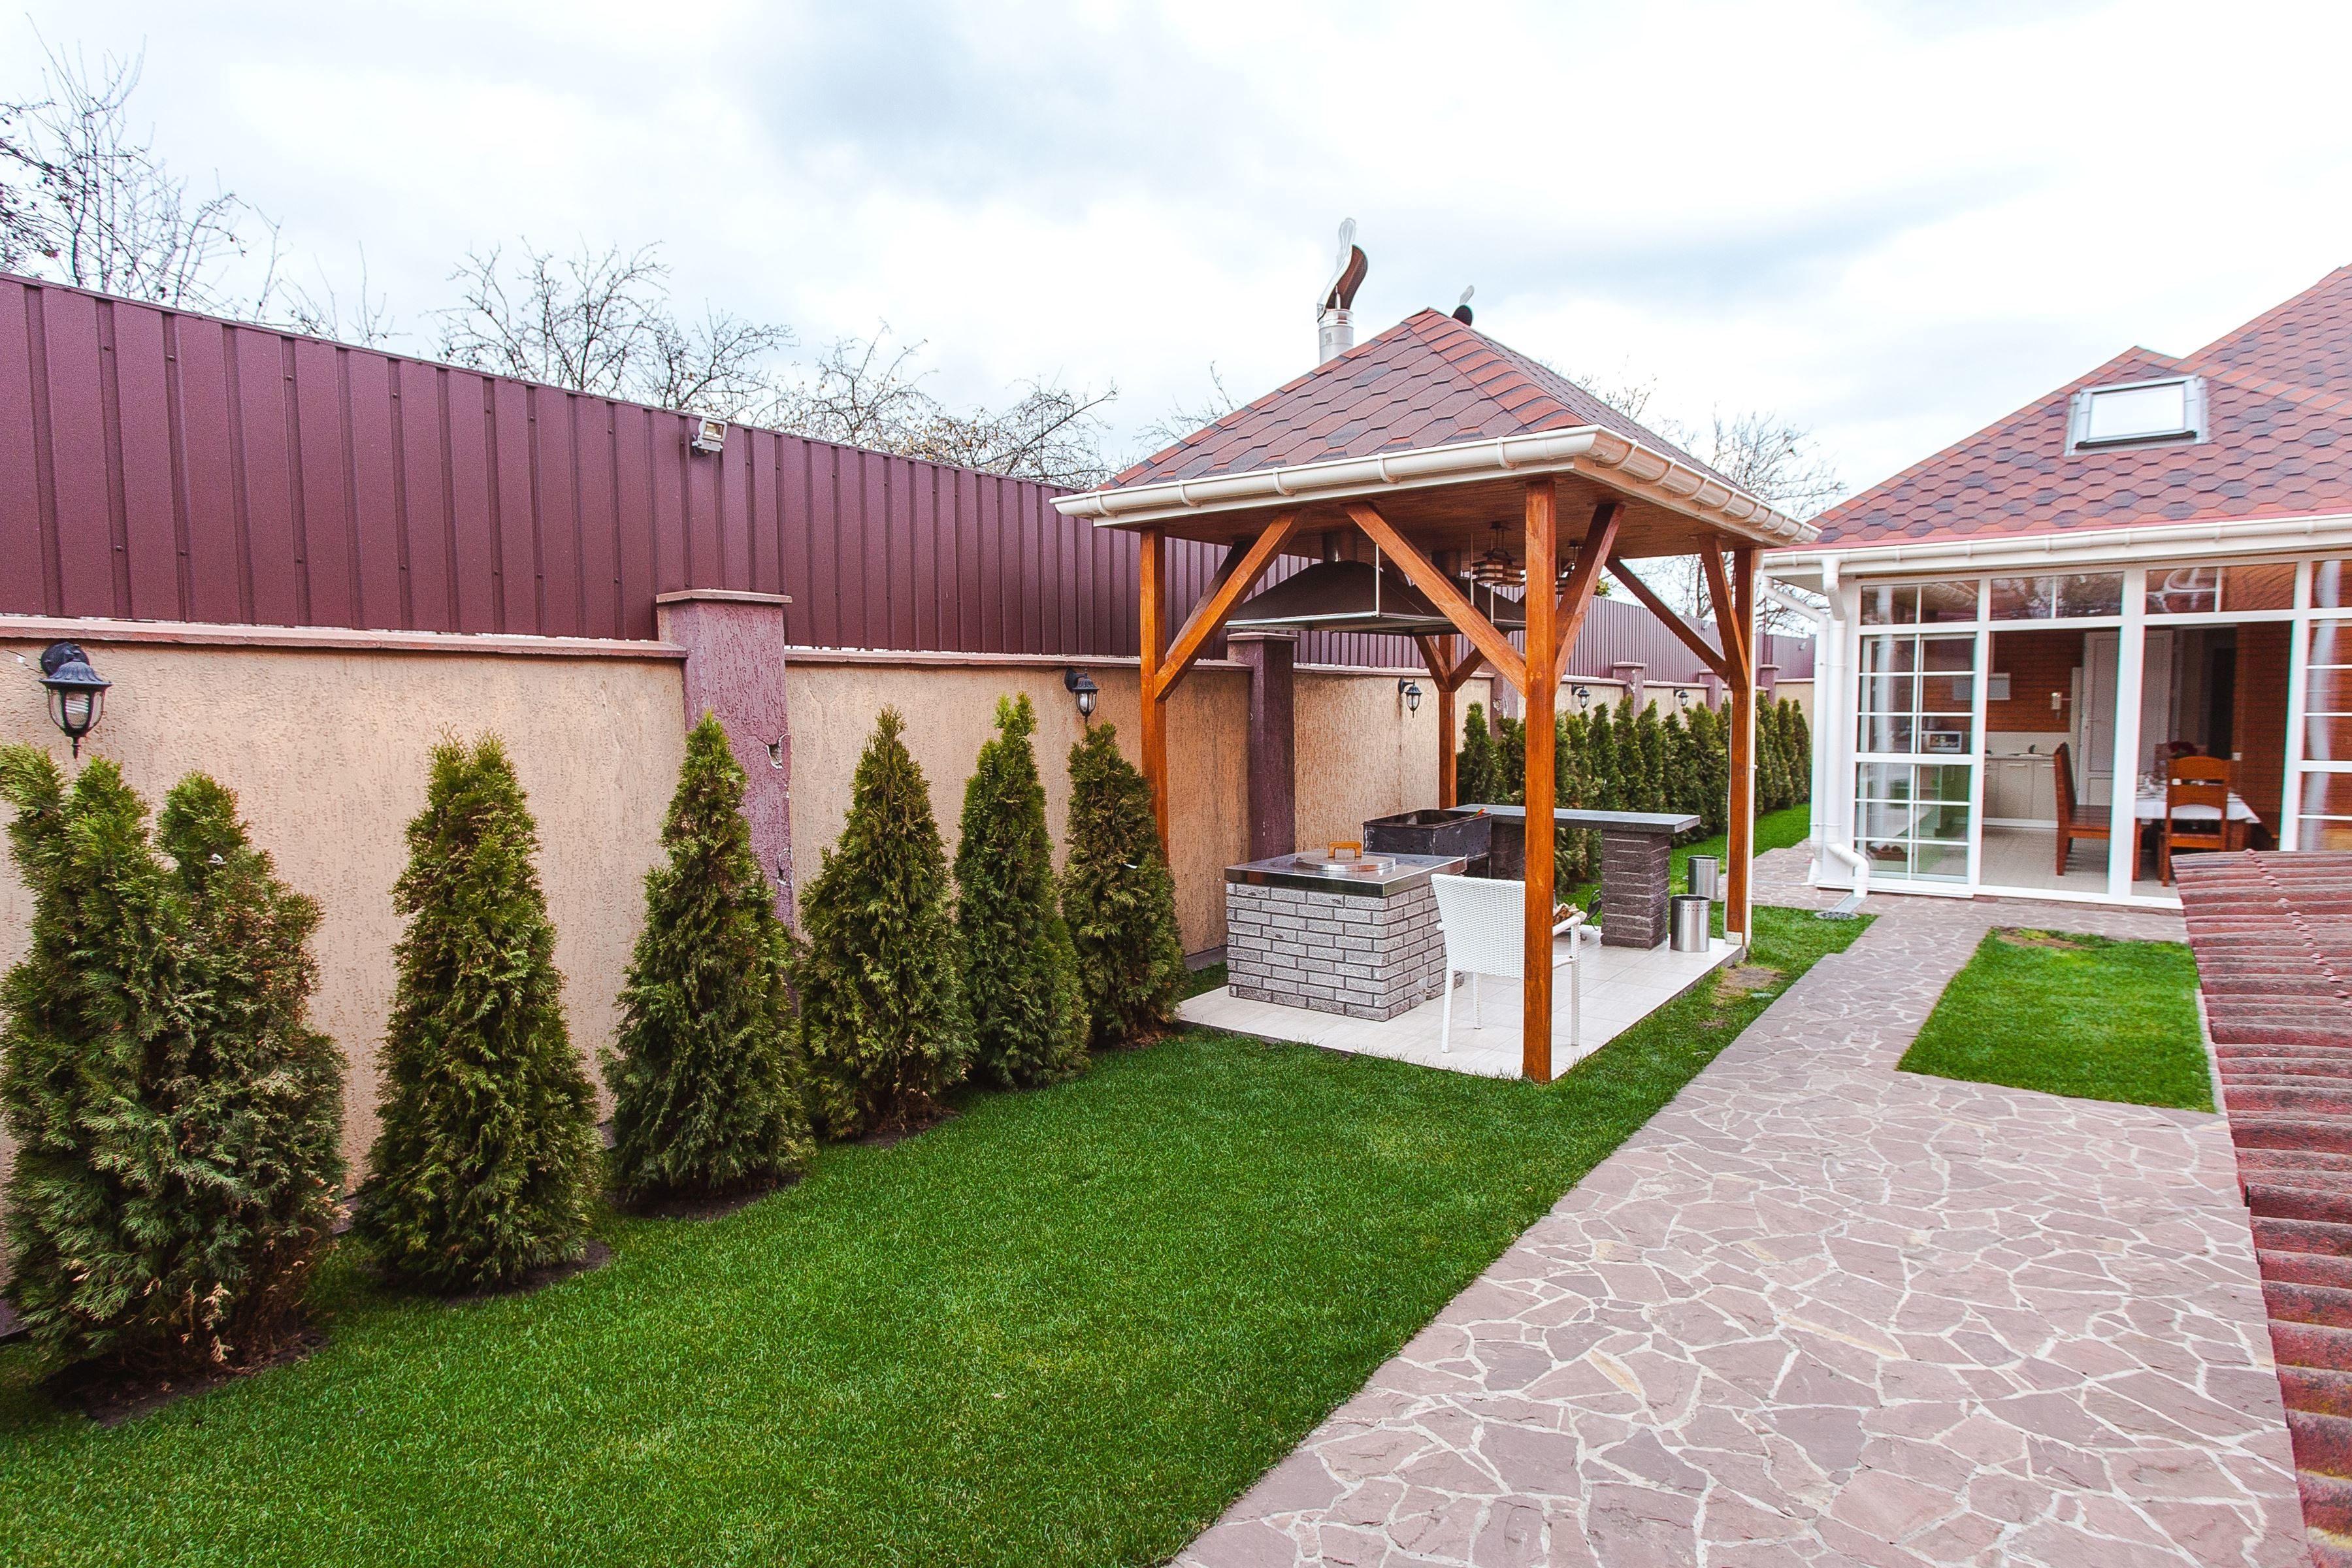 Kostenlose Bild Haus Architektur Grill Gras Pfad